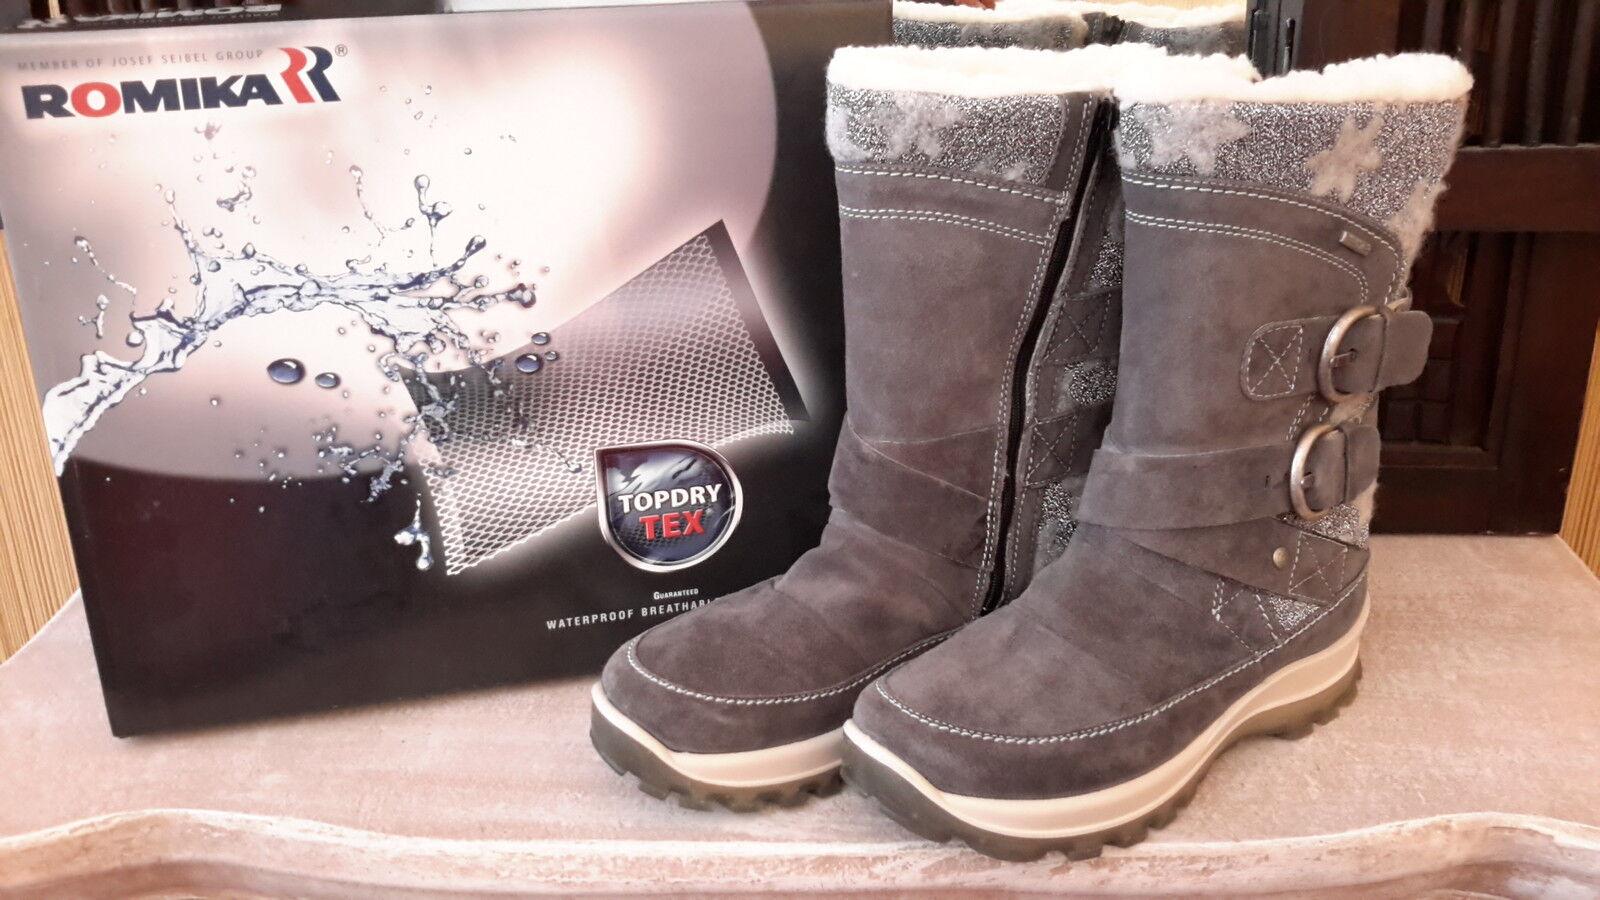 romika alaska nebel boots damen schnee stiefel gr 38 neu